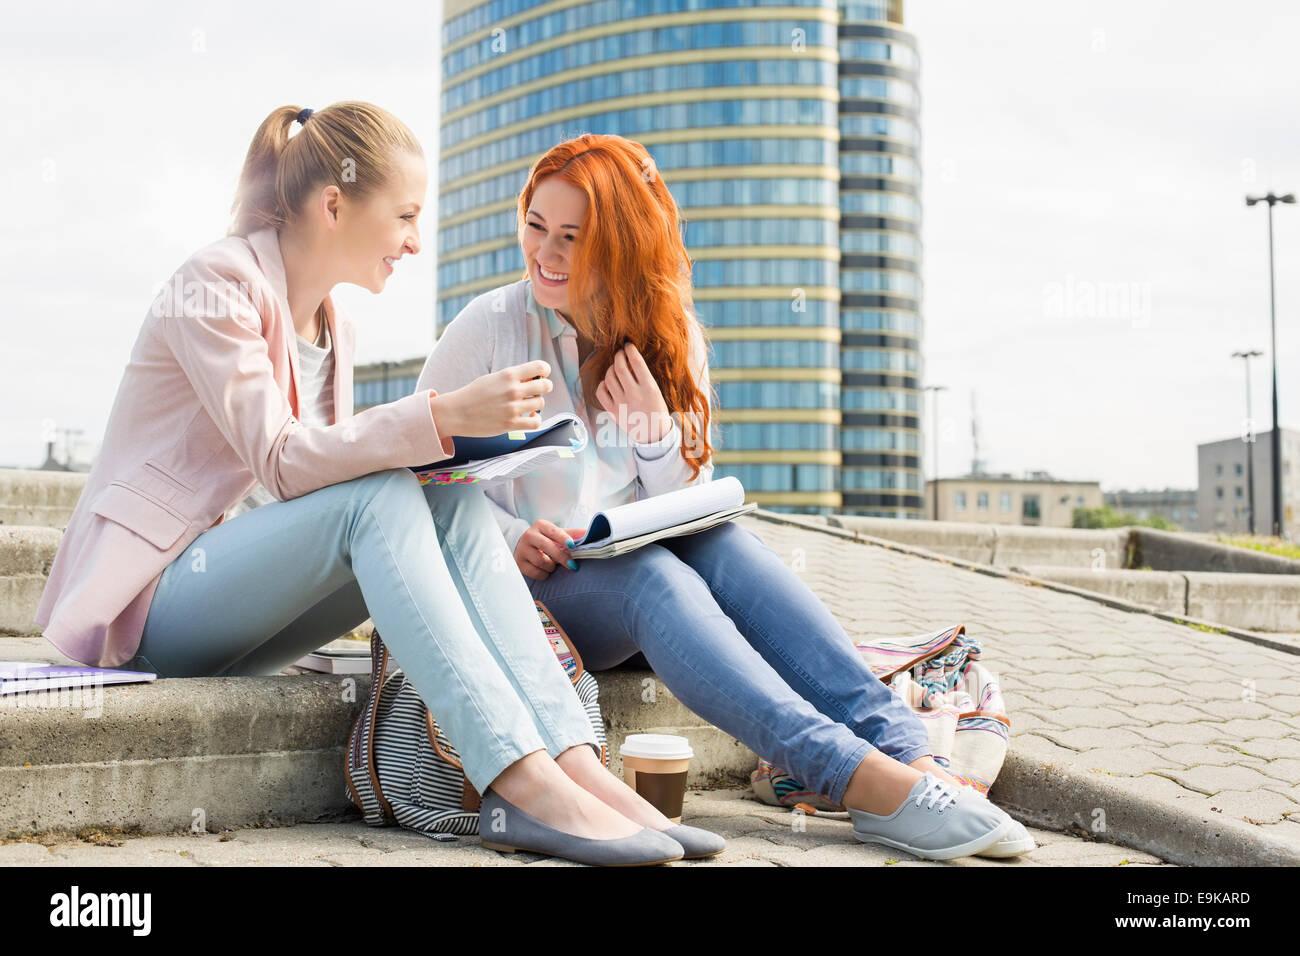 La longitud completa de la mujer sonriente a estudiantes universitarios que estudian sobre las medidas contra la Imagen De Stock